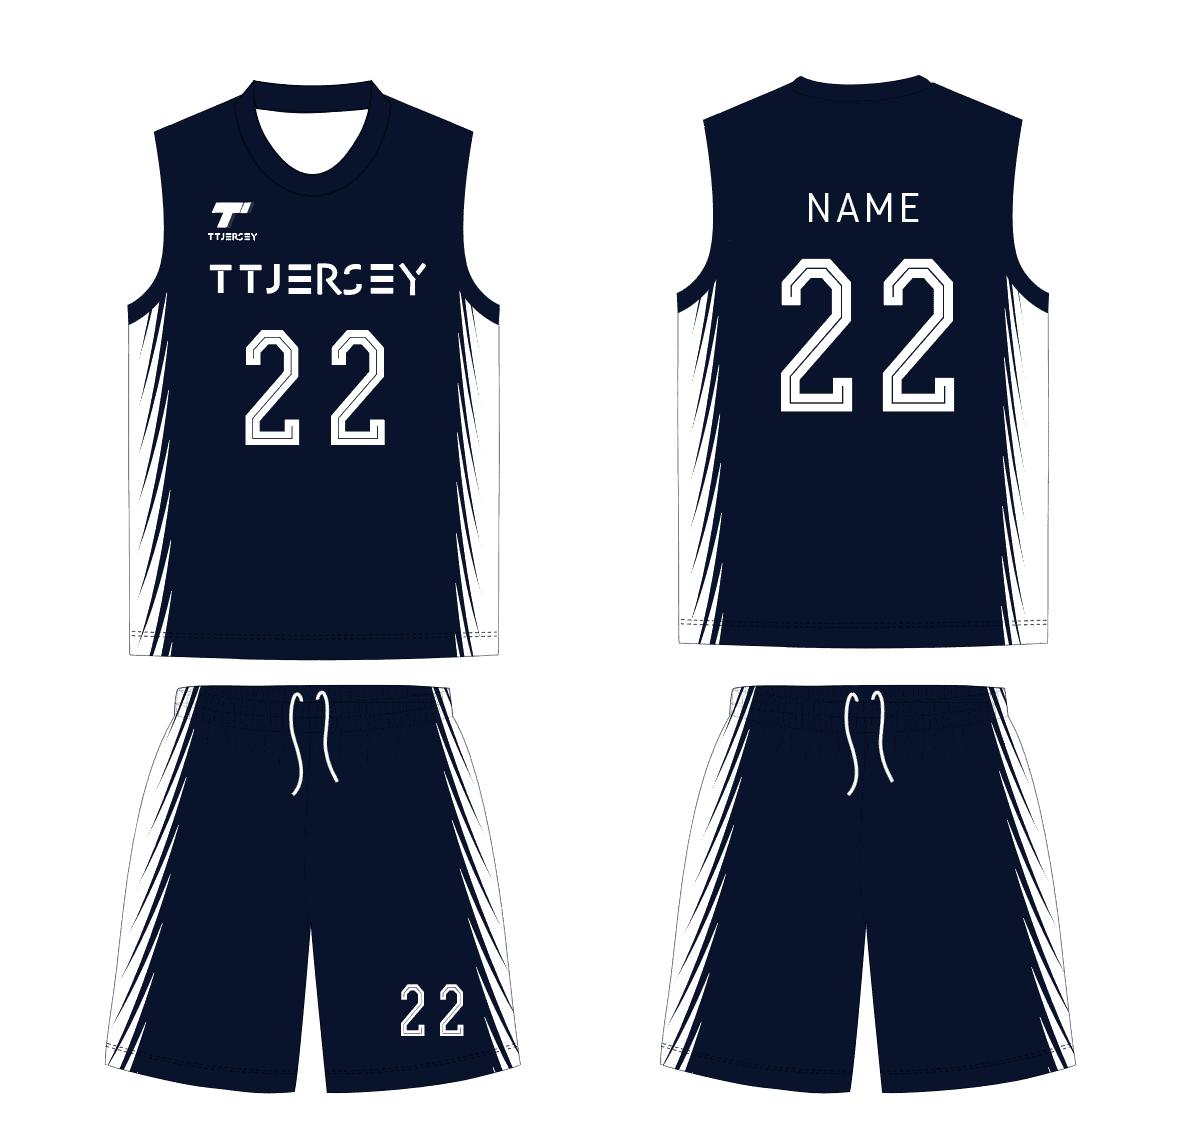 TTJersey 籃球波衫設計 球衣 設計